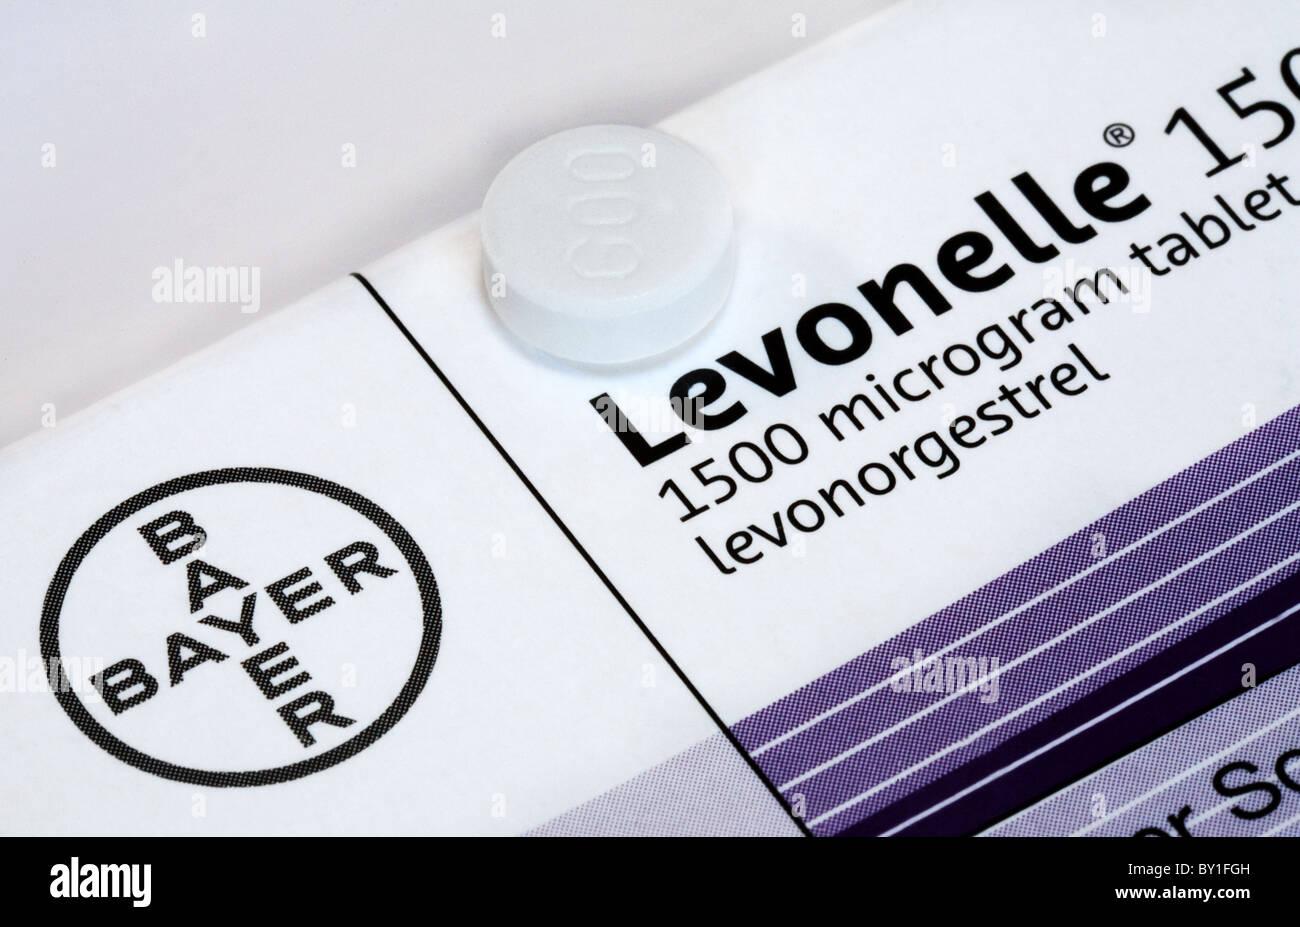 Levonelle Morgen nach Pille von Bayer Pharmaceuticals hergestellt Stockbild